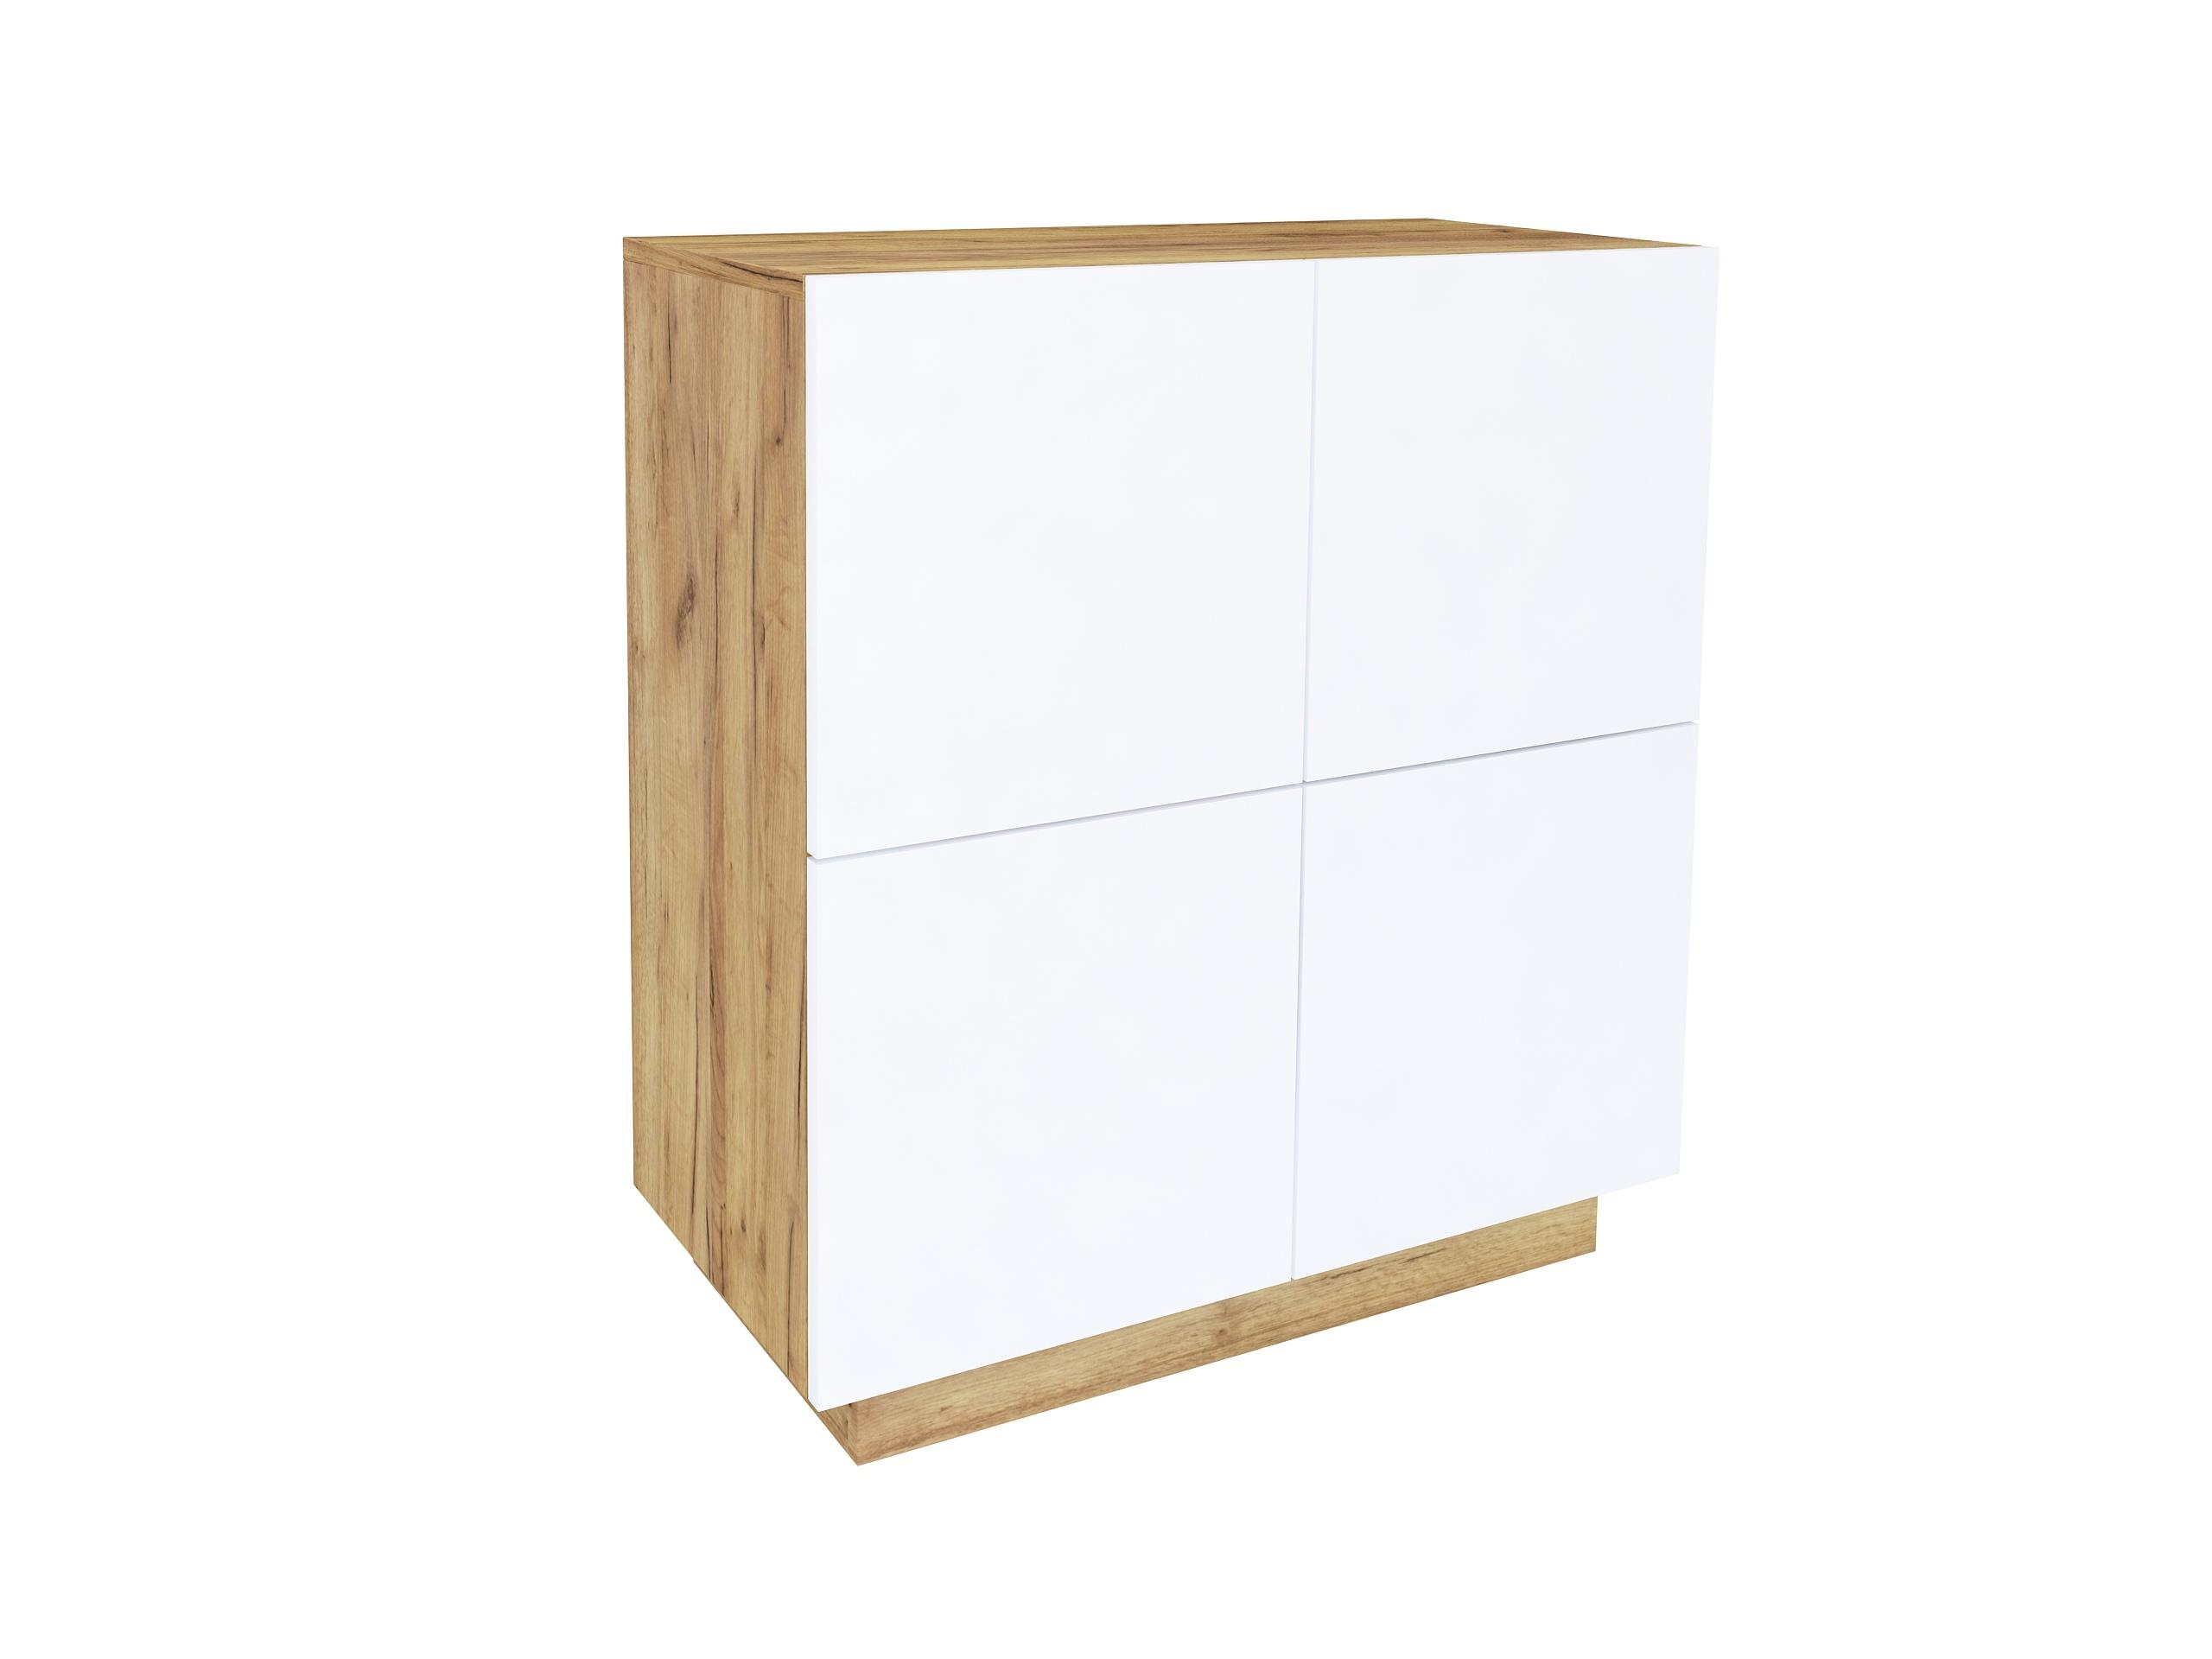 dąb złoty, dąb craft, biały mat, wisząca komoda, stojąca komoda do salonu, szafka do biura, matowa komoda do sypialni